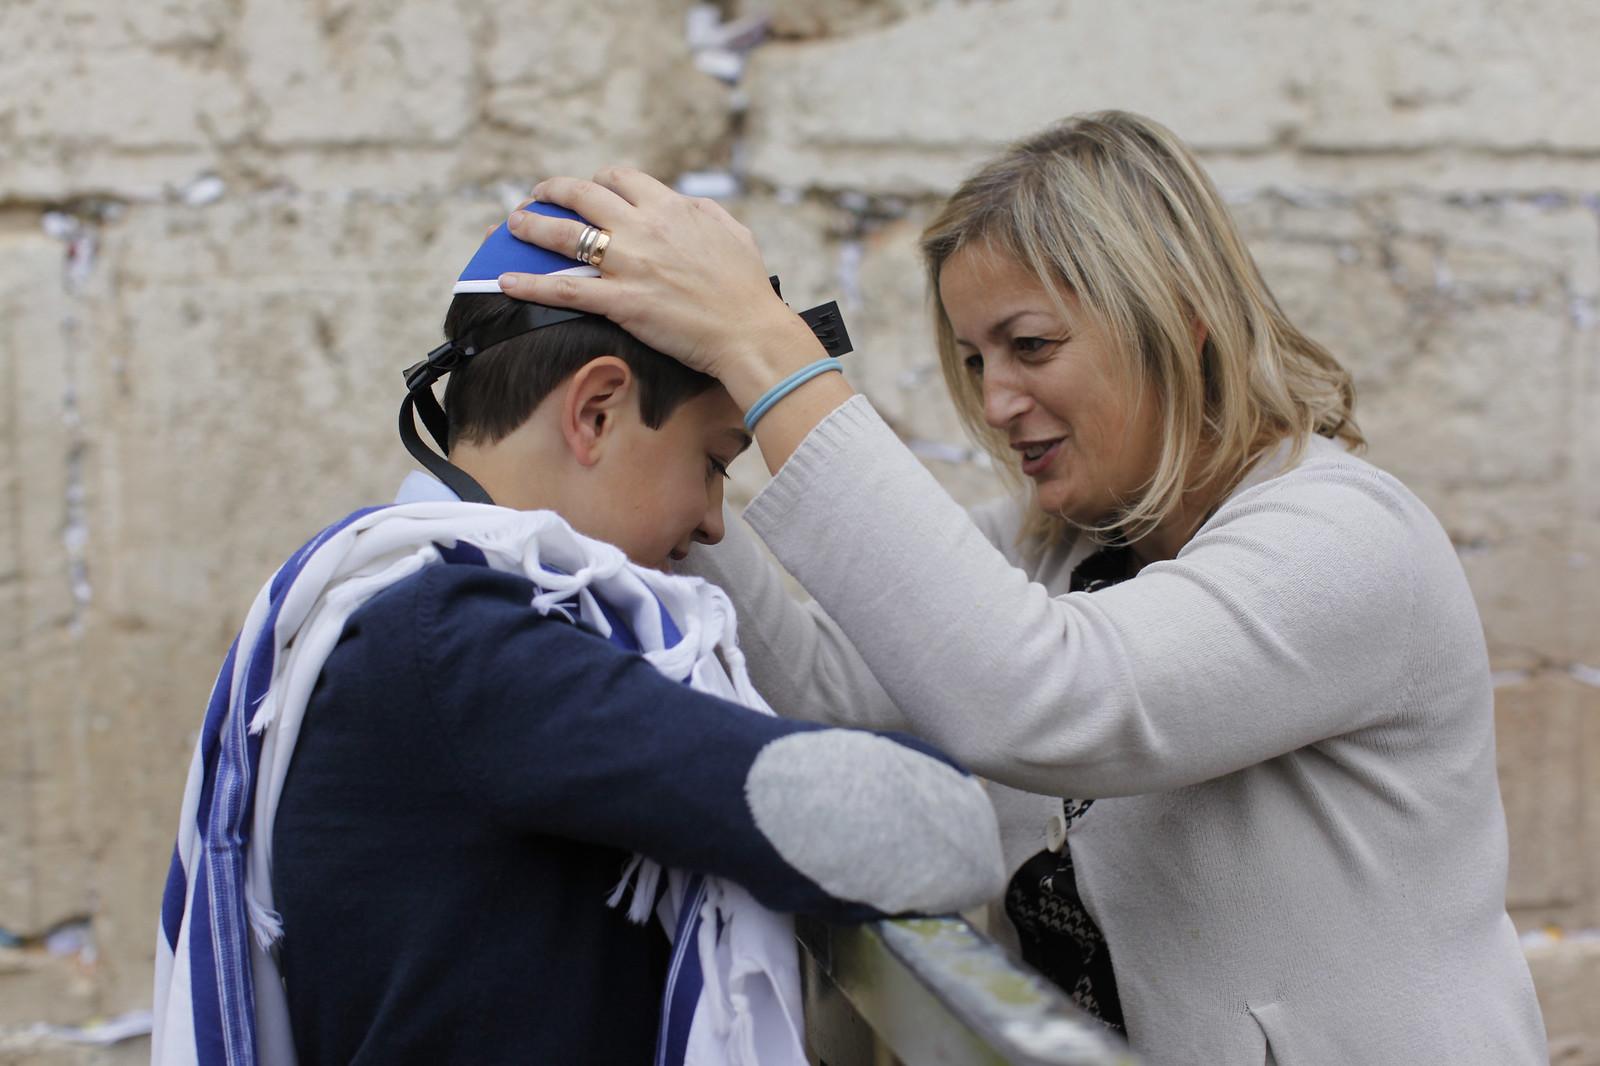 Bar Mitzvah 24_ Jerusalem_Yonatan Sindel_Flash 90 MG_9712_IMOT